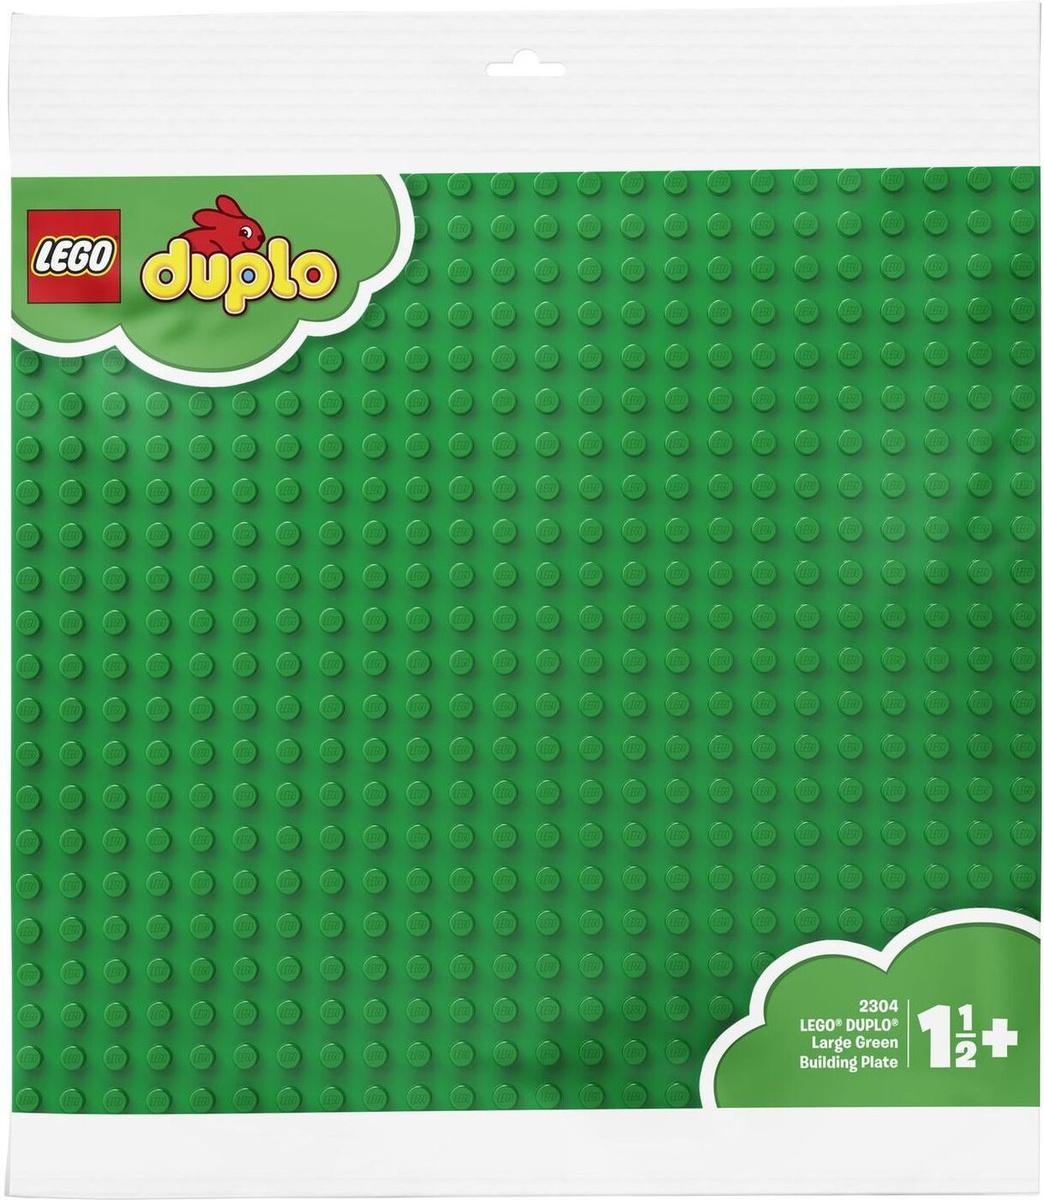 Конструктор LEGO DUPLO Classic 2304 Большая строительная пластина  #1